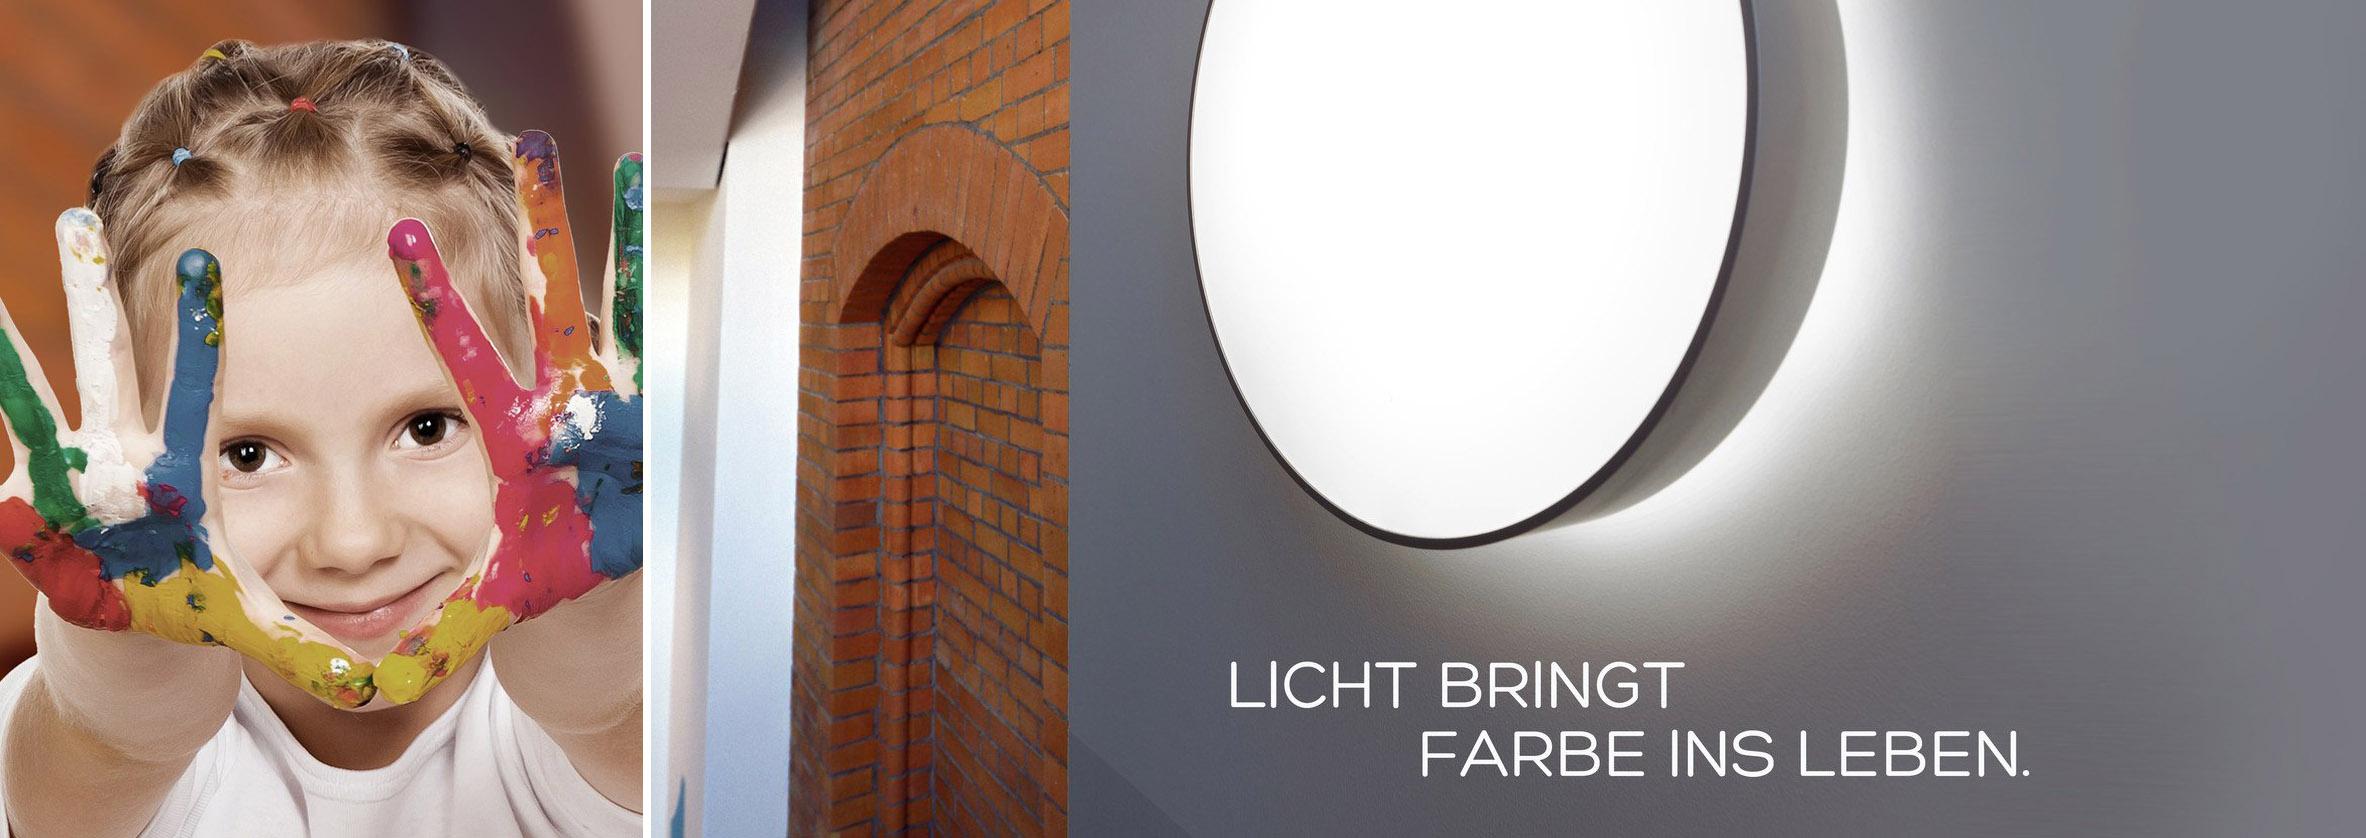 Licht bringt Farbe ins Leben - Saro-lux